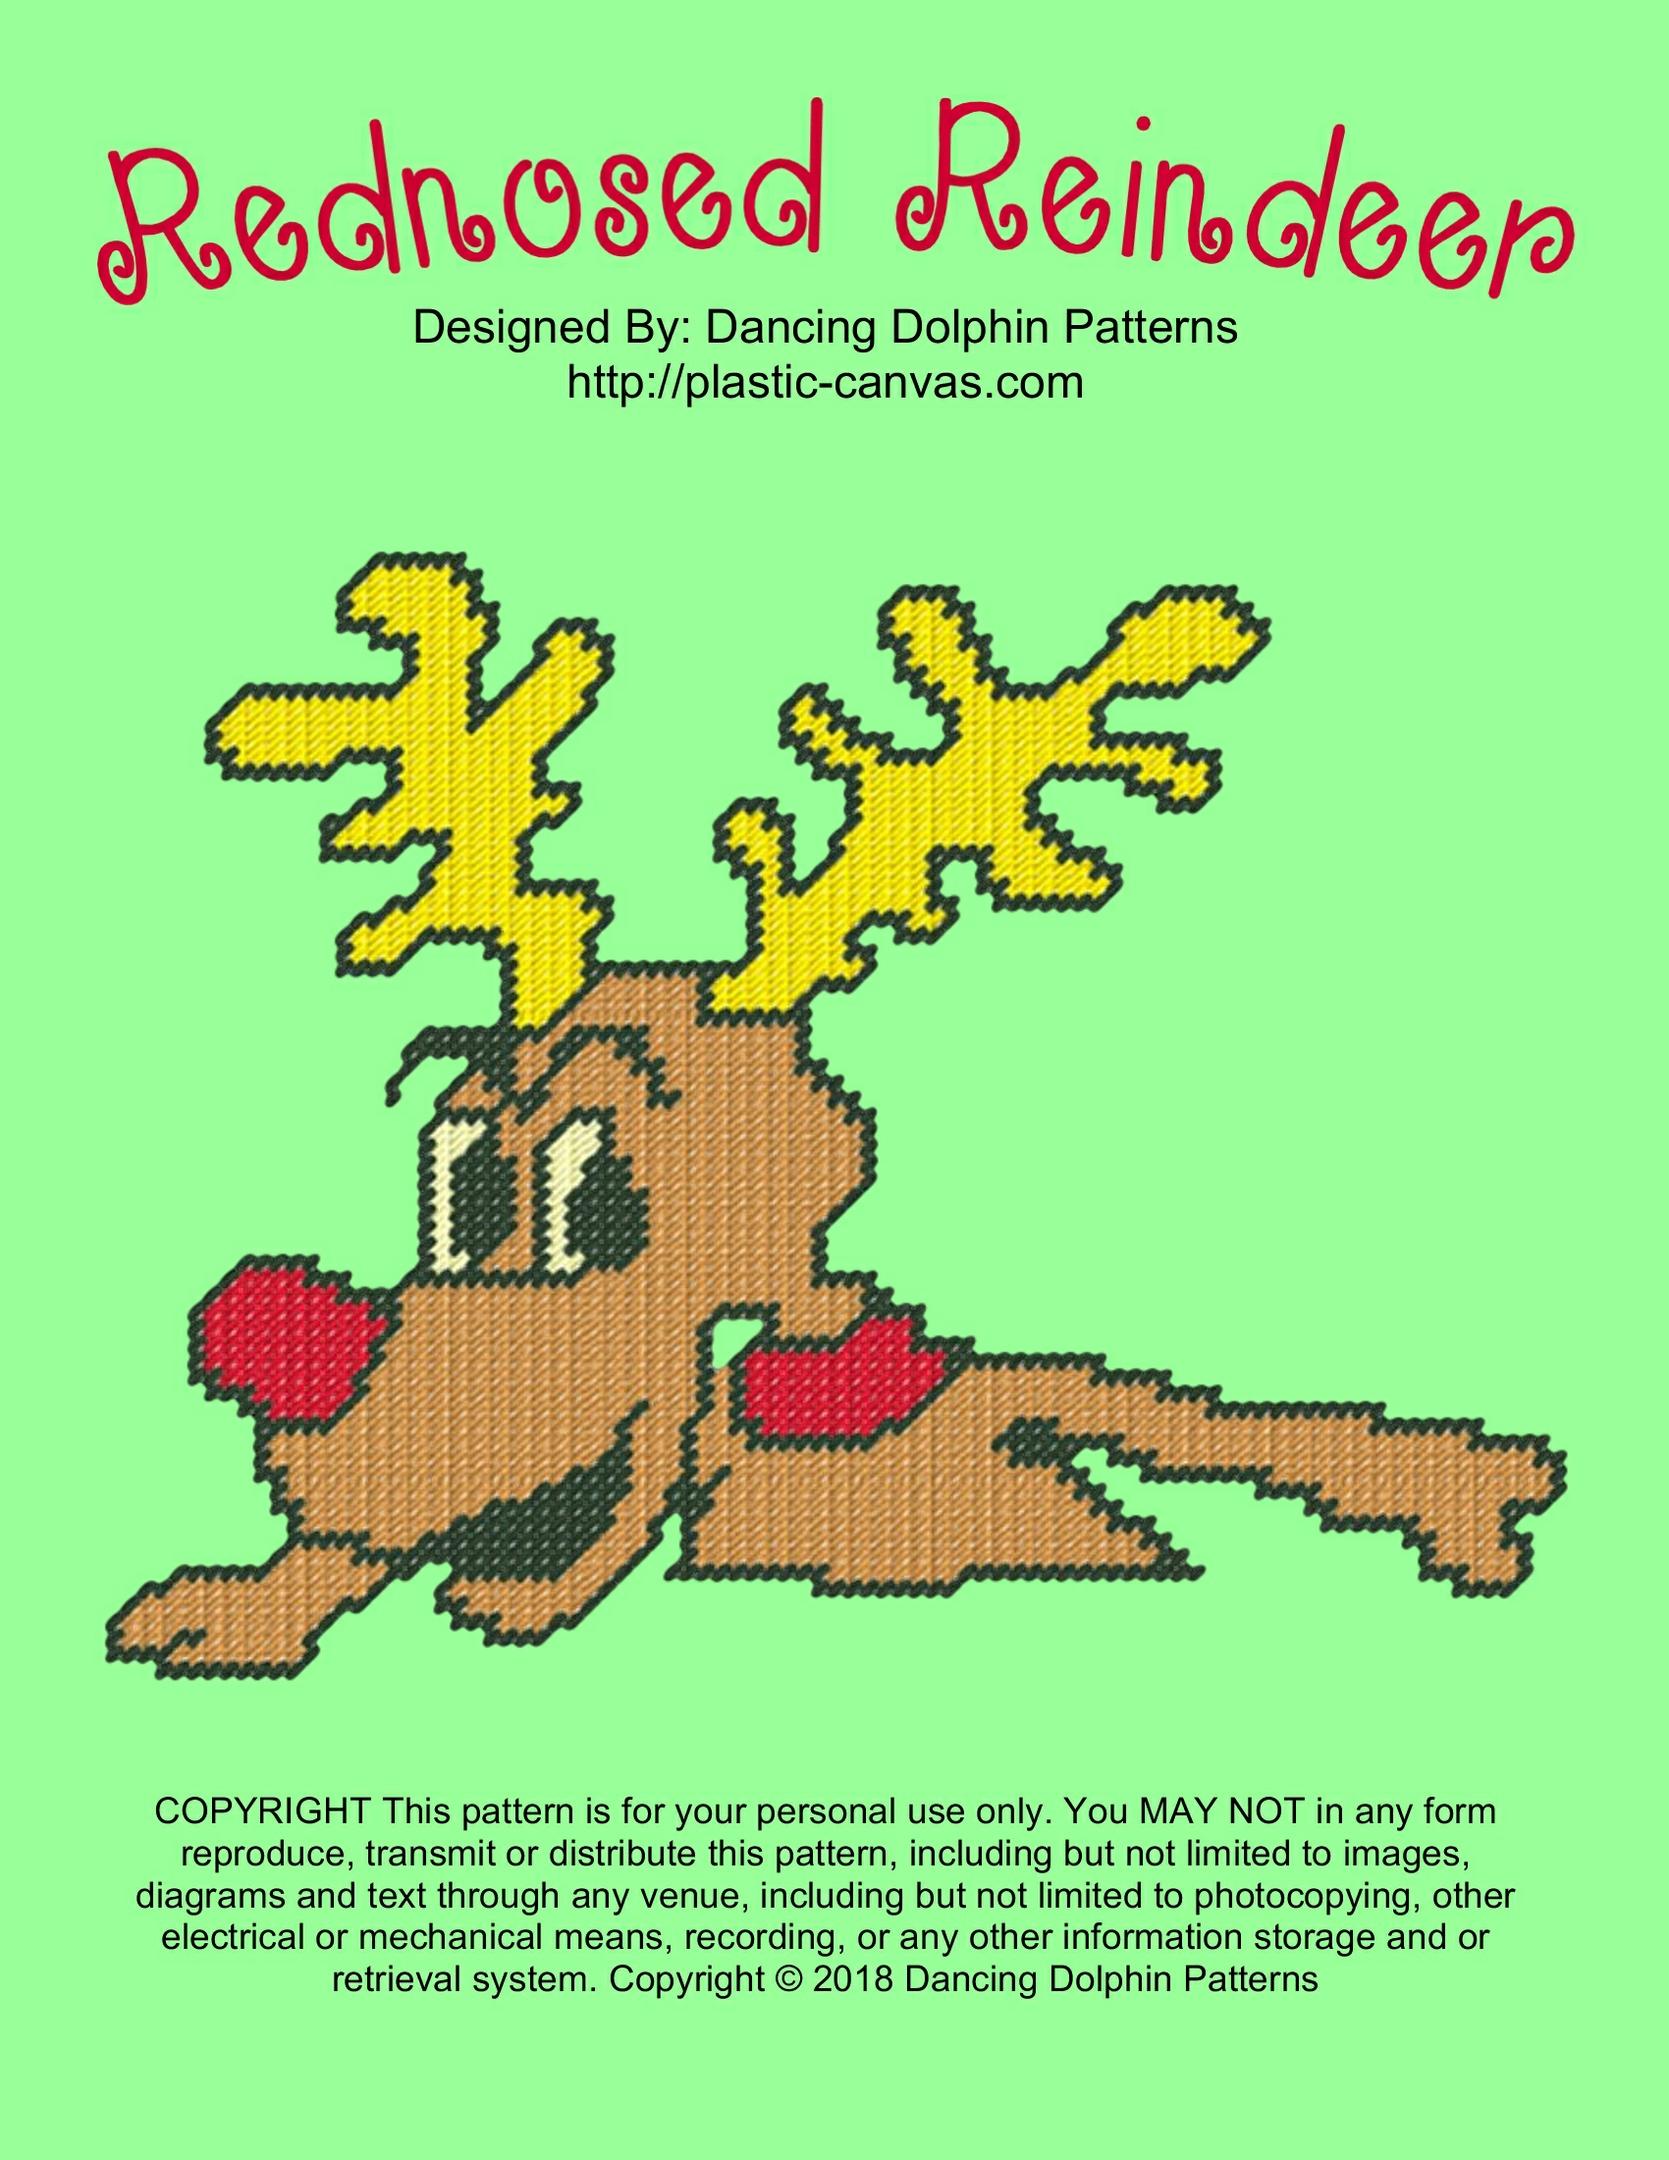 612 - Rednosed Reindeer